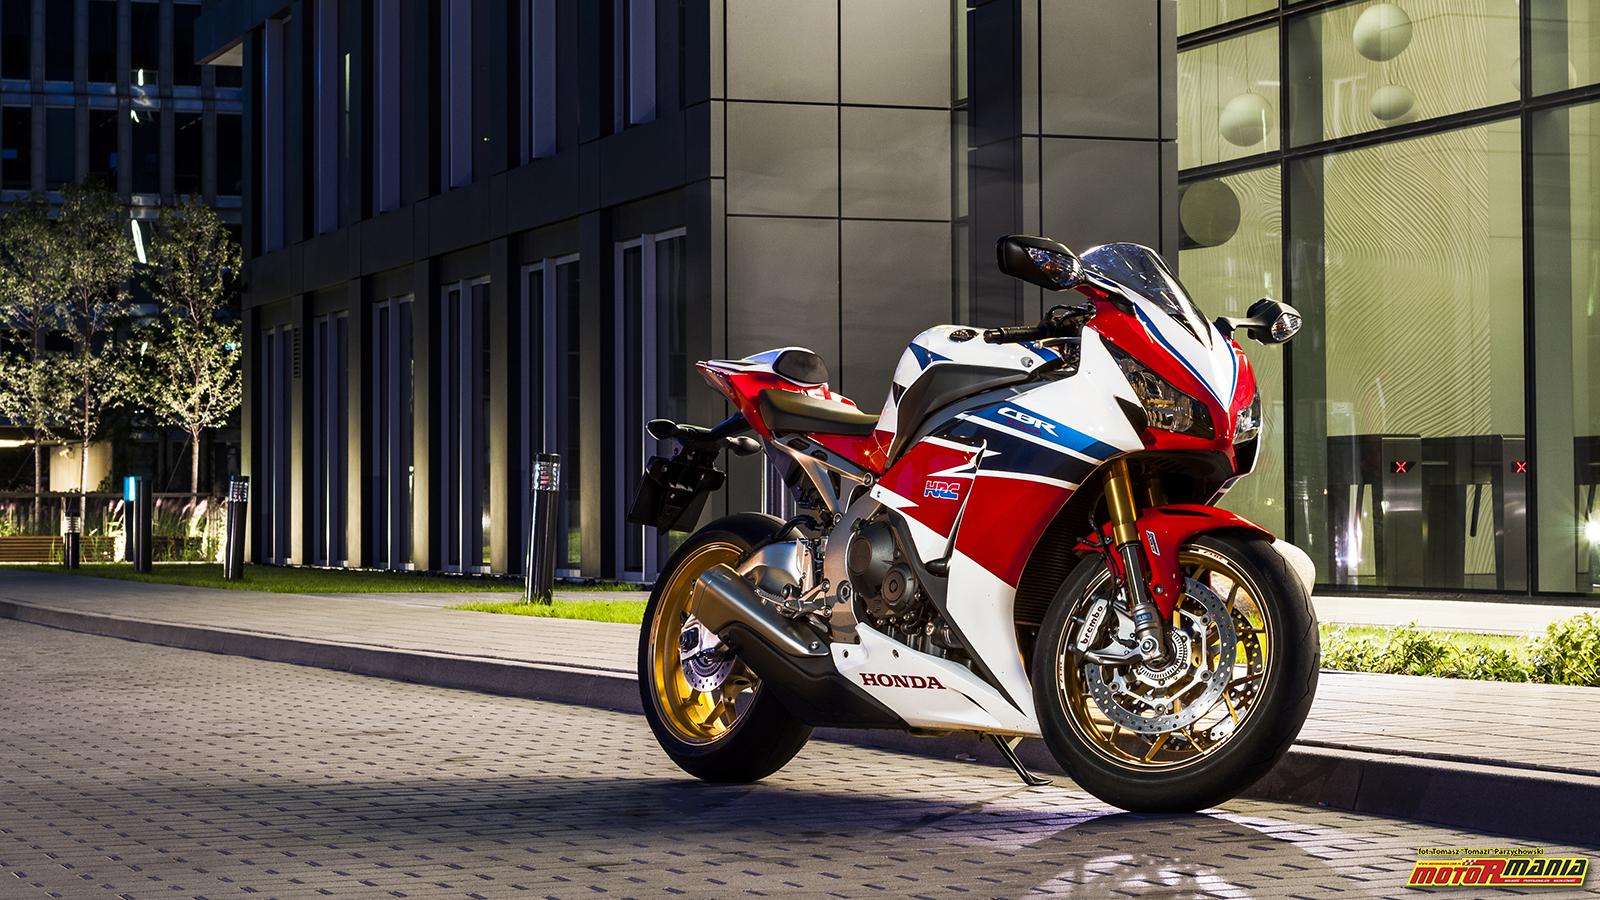 Honda CBR 1000, отзывы владельцев о мотоцикле Хонда СБР ...